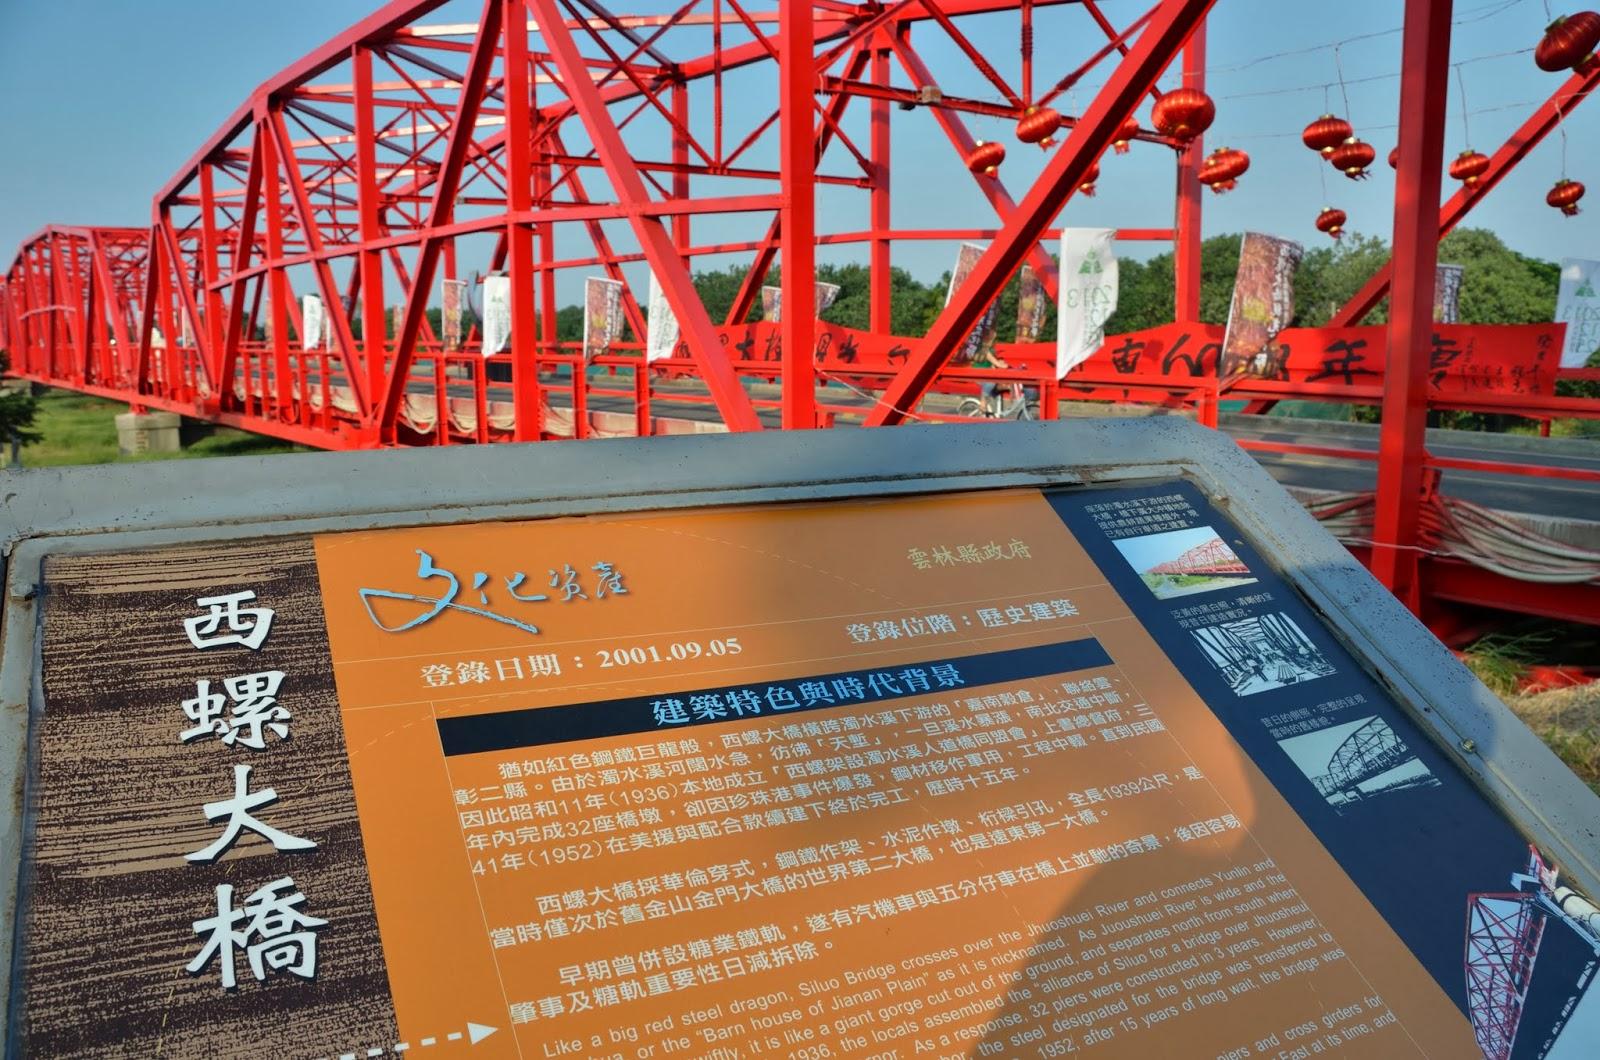 2013-10-15 雲林西螺:最美的公路-西螺大橋